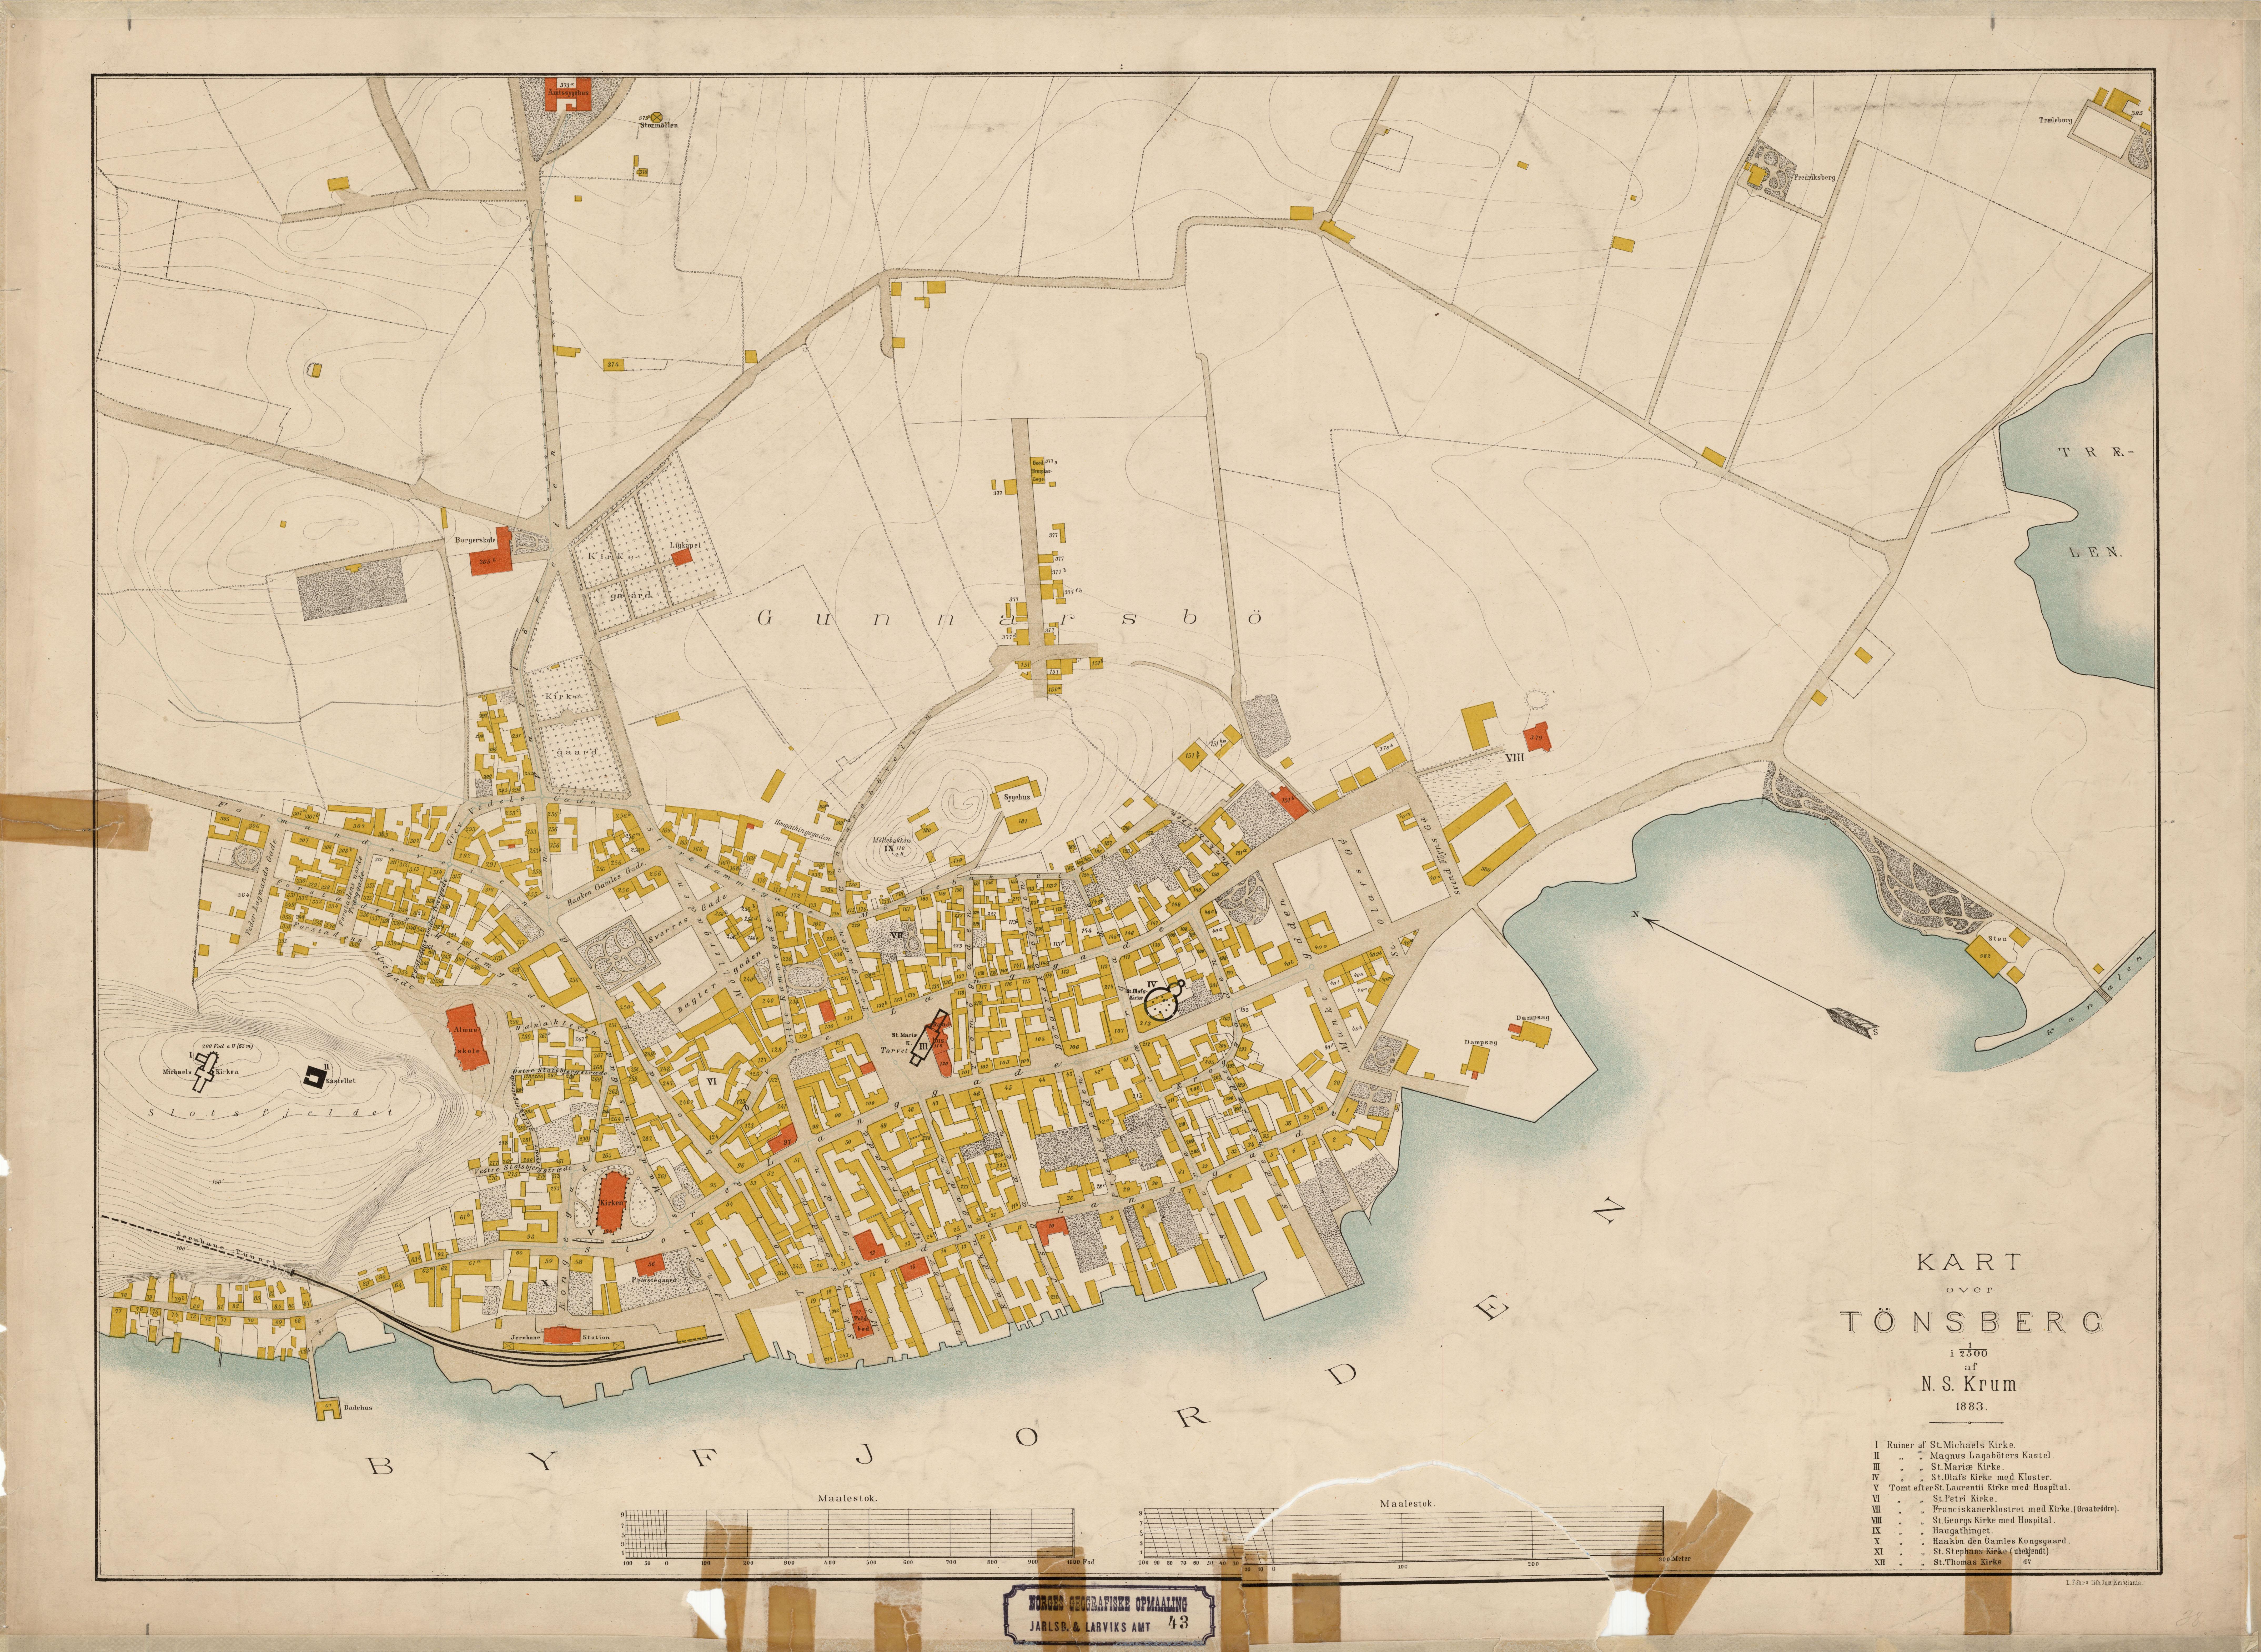 kart over tønsberg by Fil:Jarlsberg og Larviks amt nr 43  Kart over Tønsberg, 1883.  kart over tønsberg by